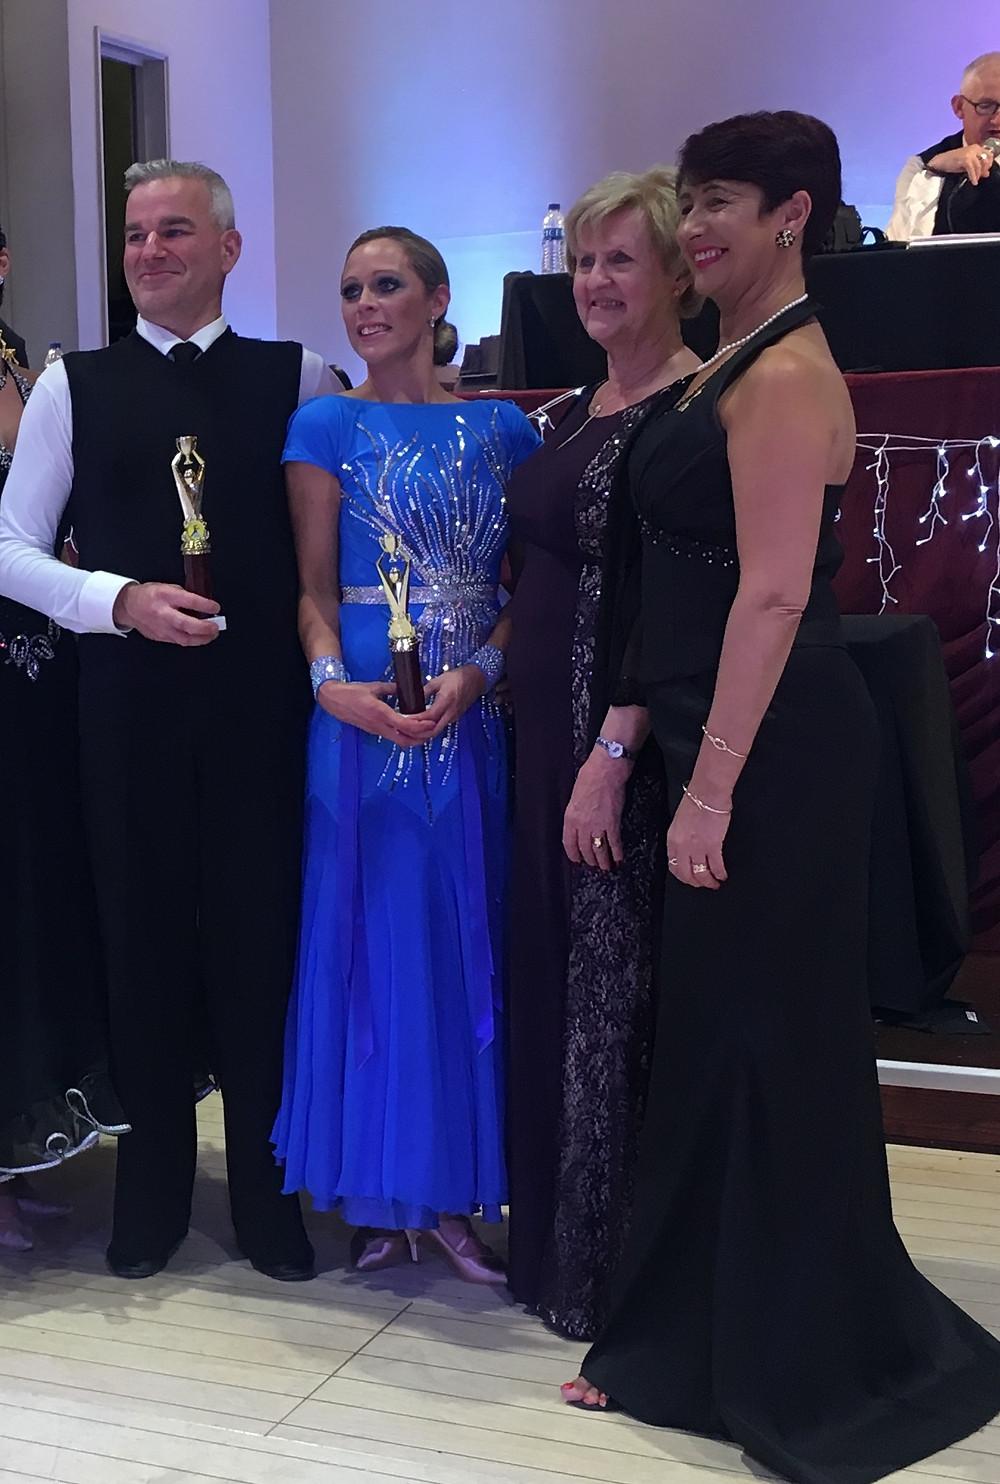 Matt & Julie WINNING both Ballroom & Latin Couples Categories o35yrs.